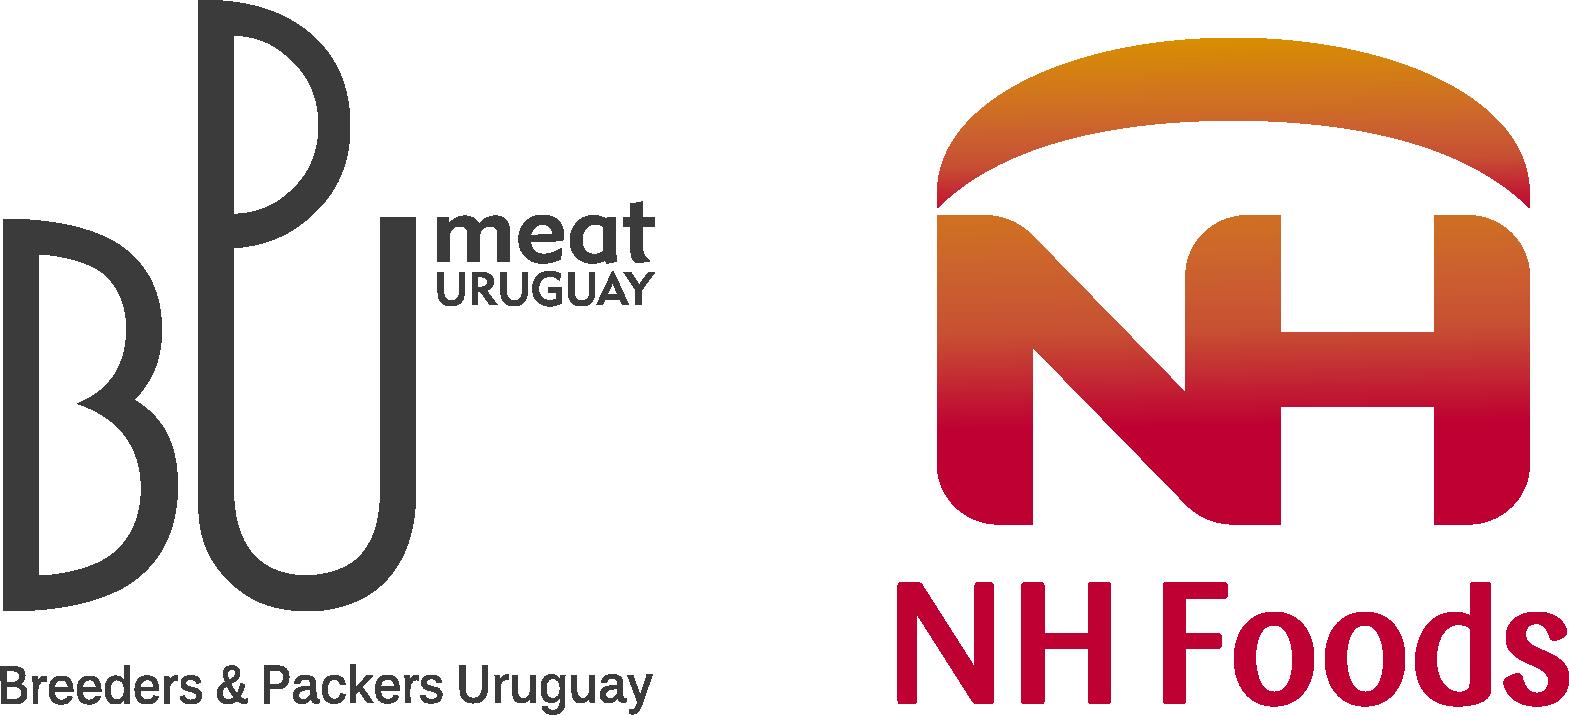 Bpu Meat